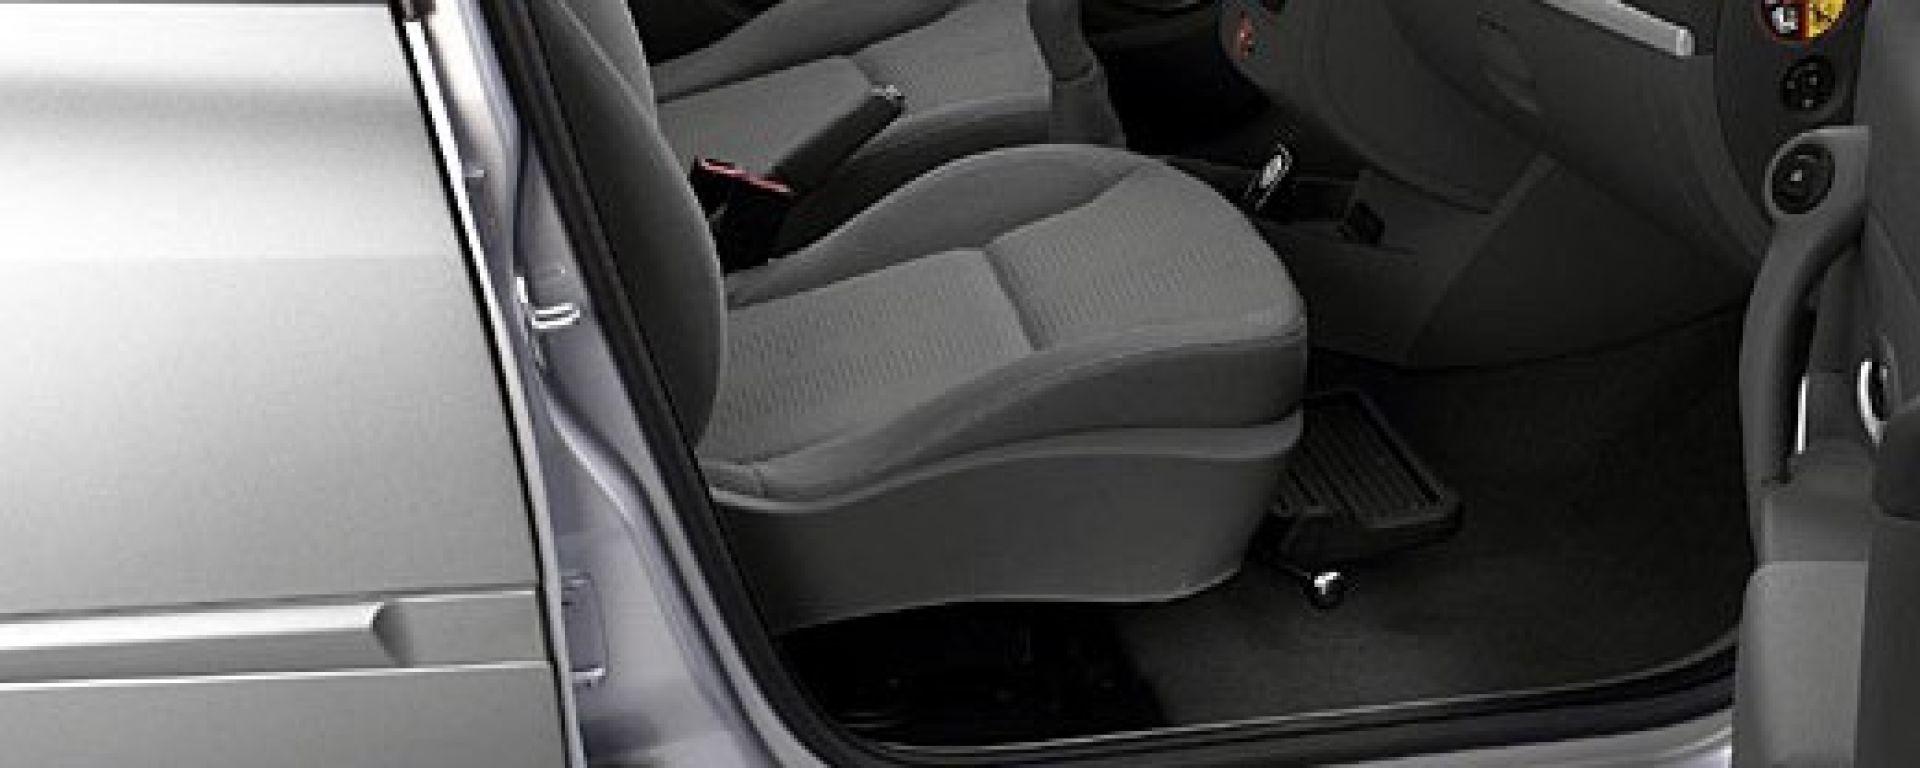 RENAULT: sulla Clio il sedile si gira